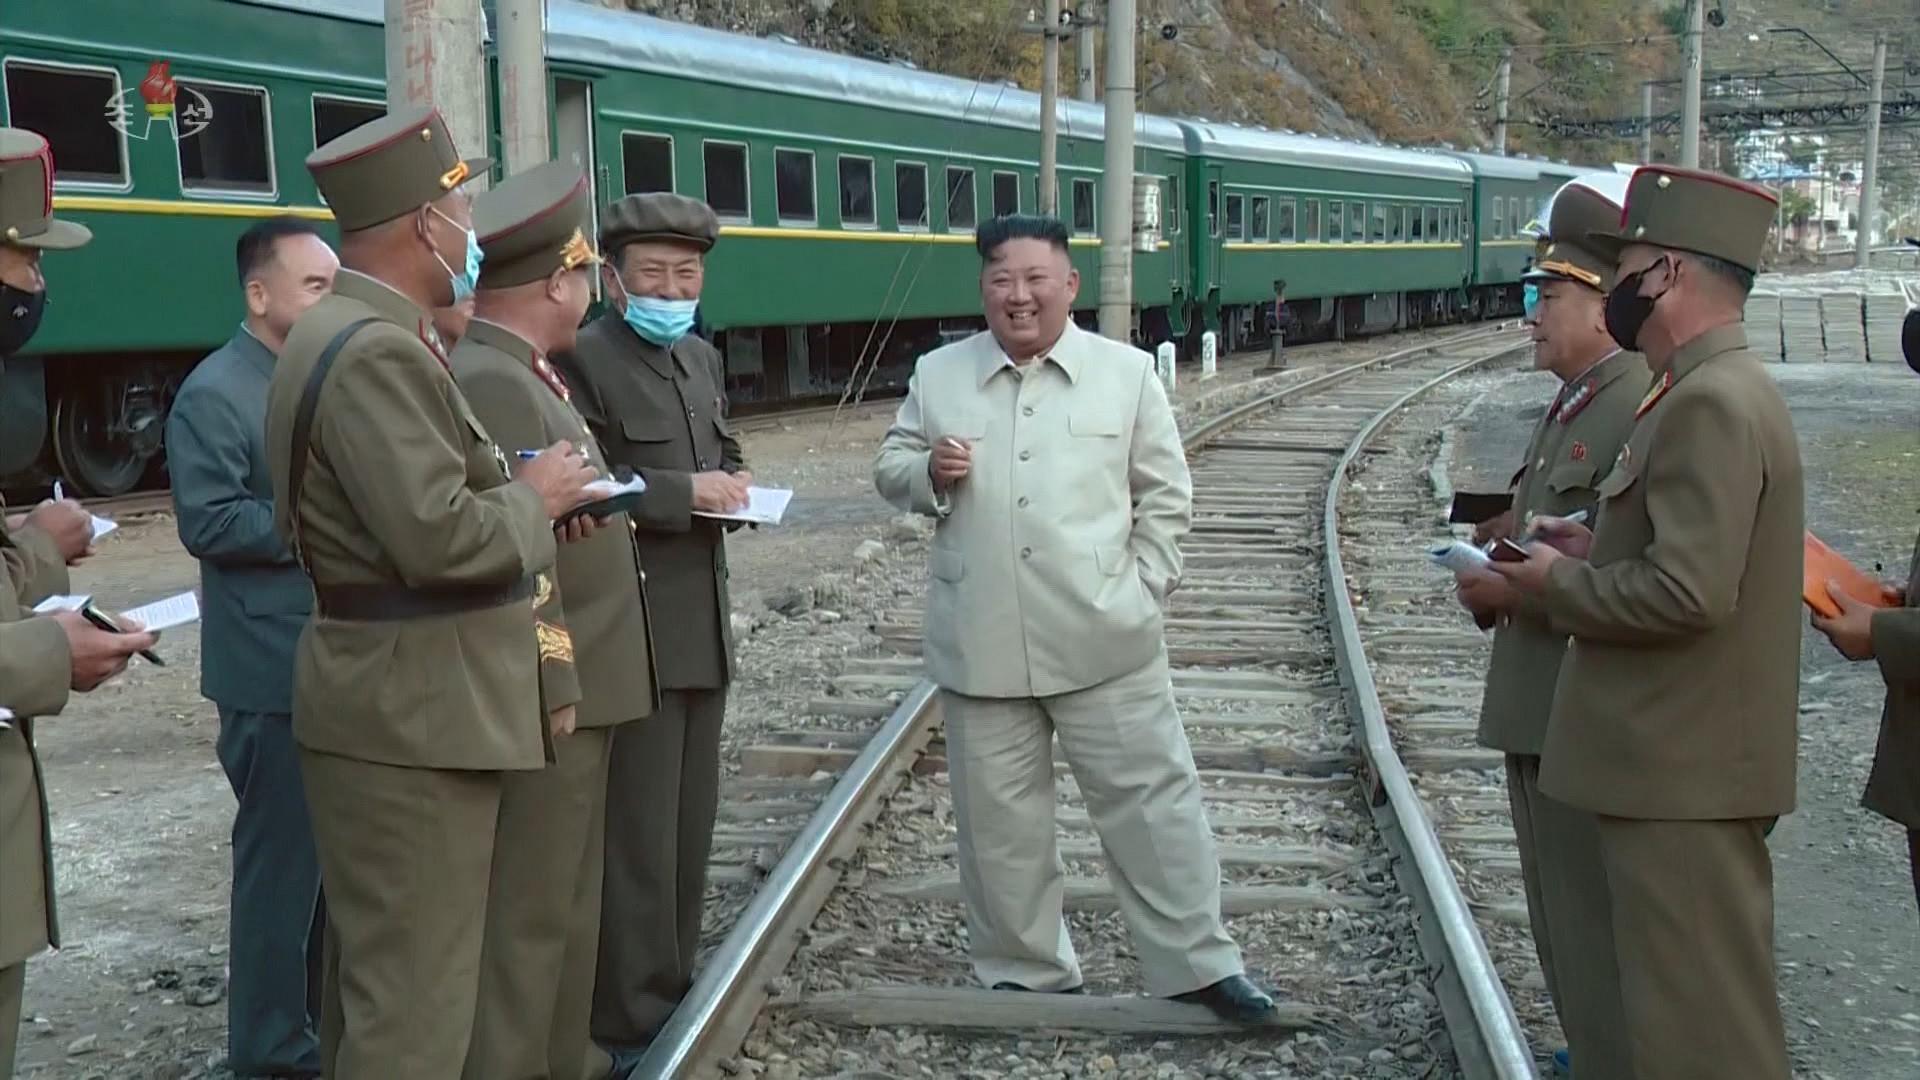 ▲▼金志恩搭綠皮火車,前往咸鏡南道檢德地區視察。(圖/達志影像)